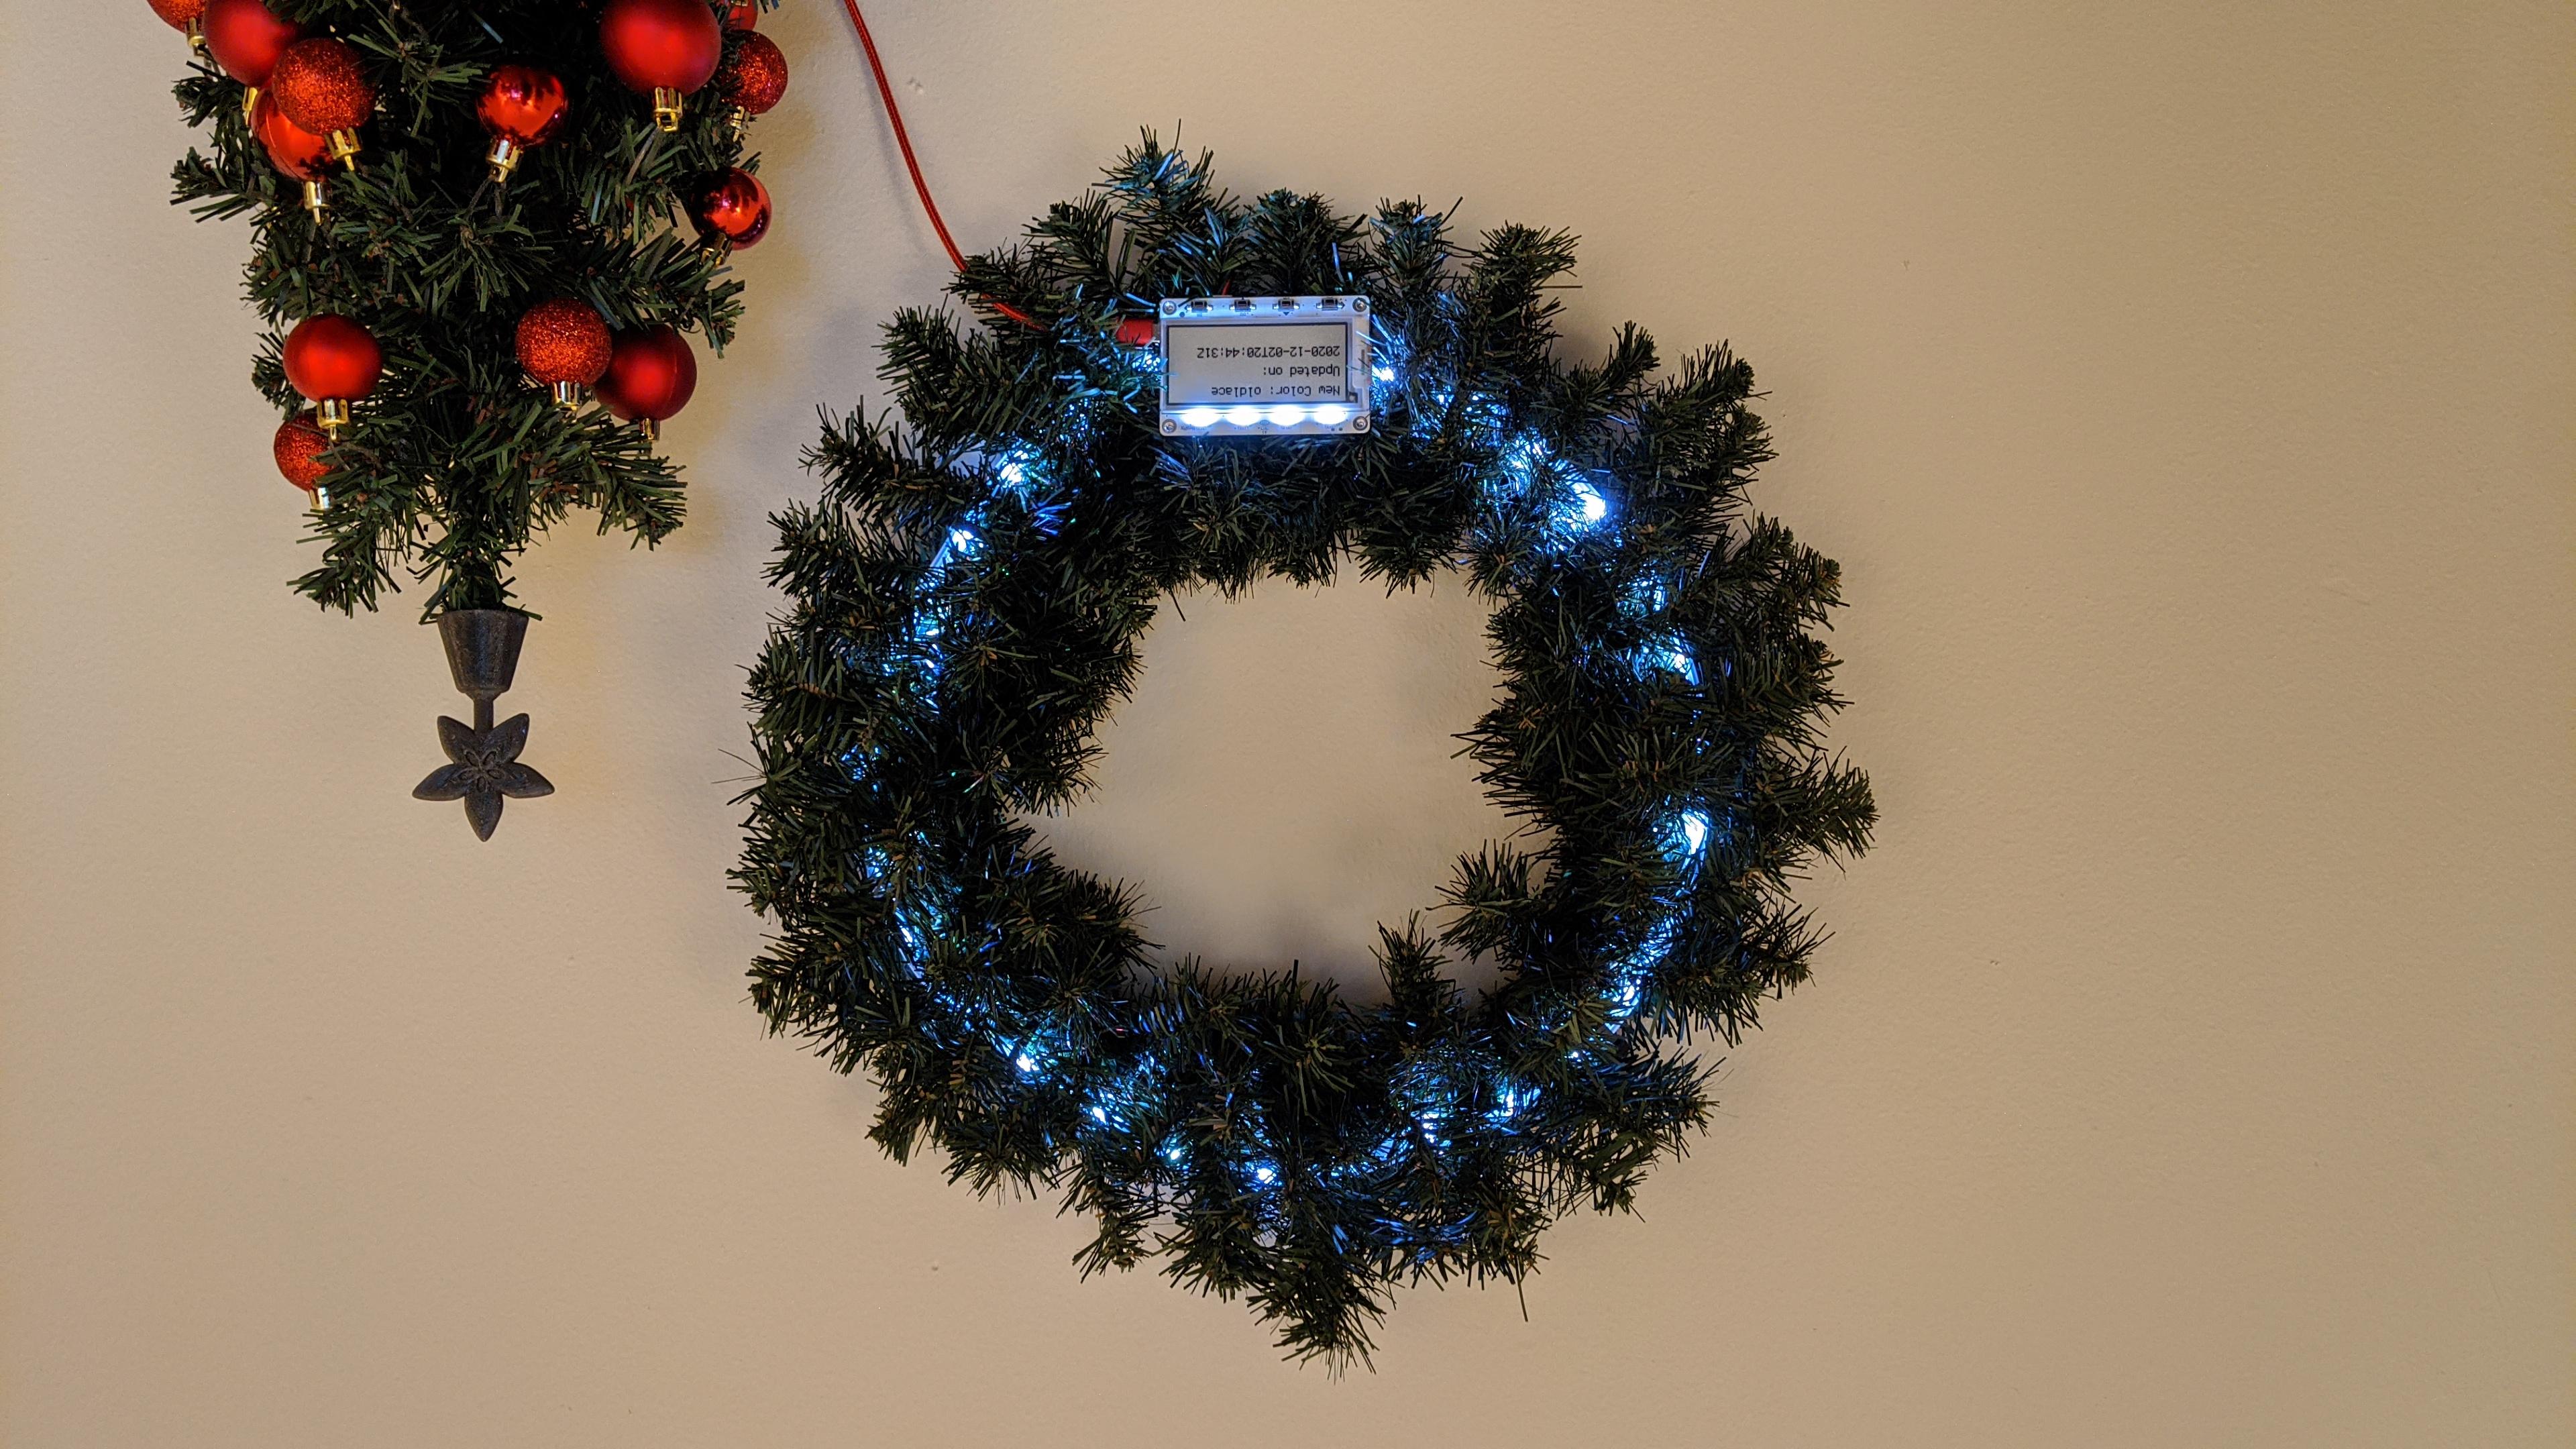 led_strips_MagTag_Cheerlights_Oldlace.jpg